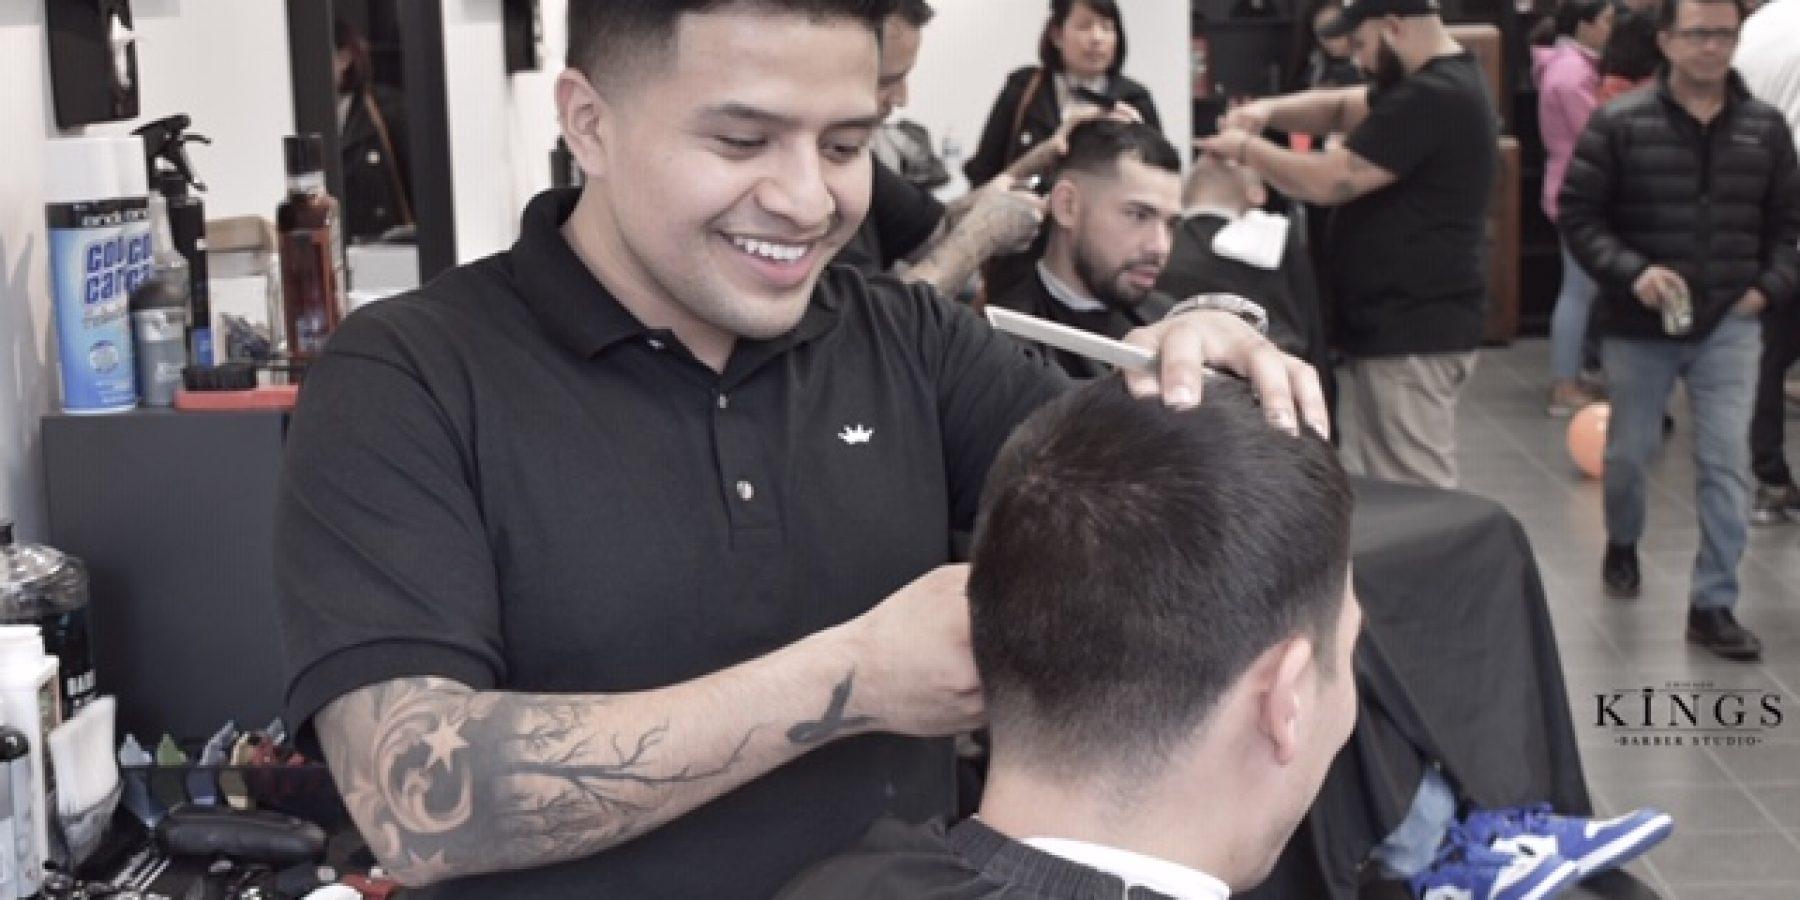 Chicago Spotlight: King's Barber Studio - Booksy - Blog